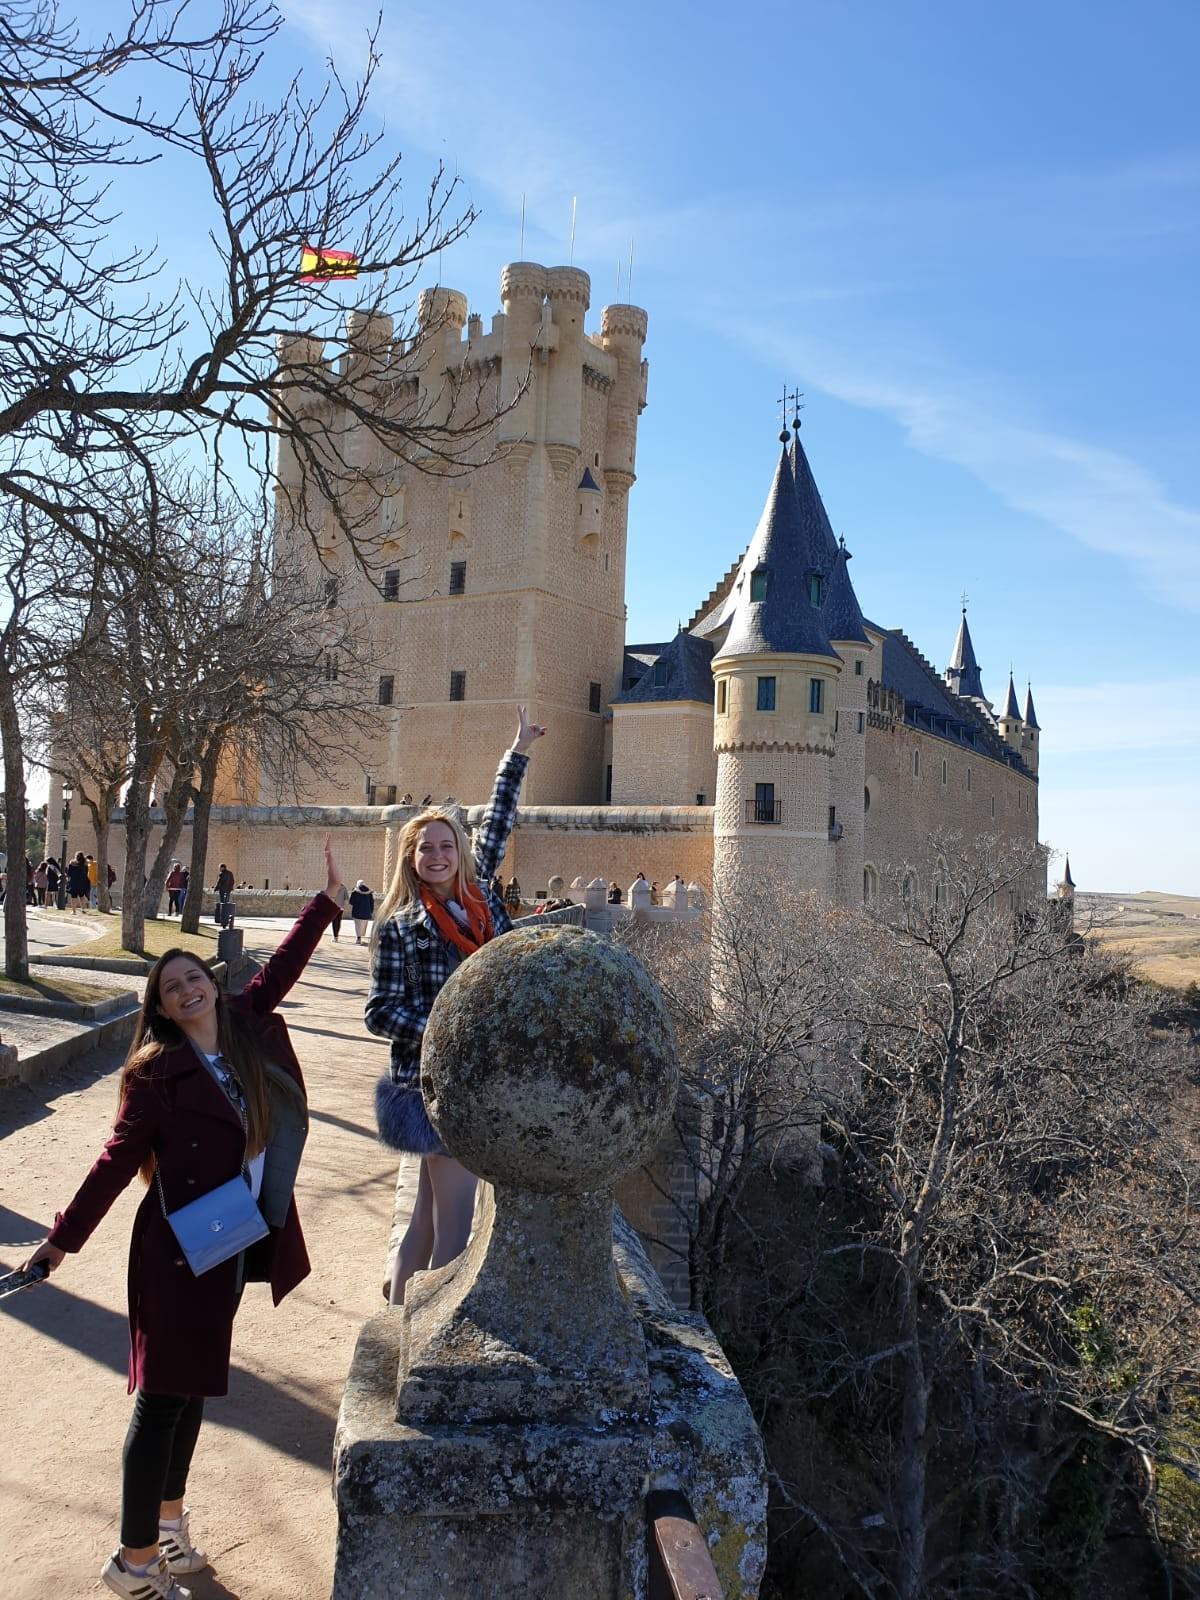 Segovia, dreaming city